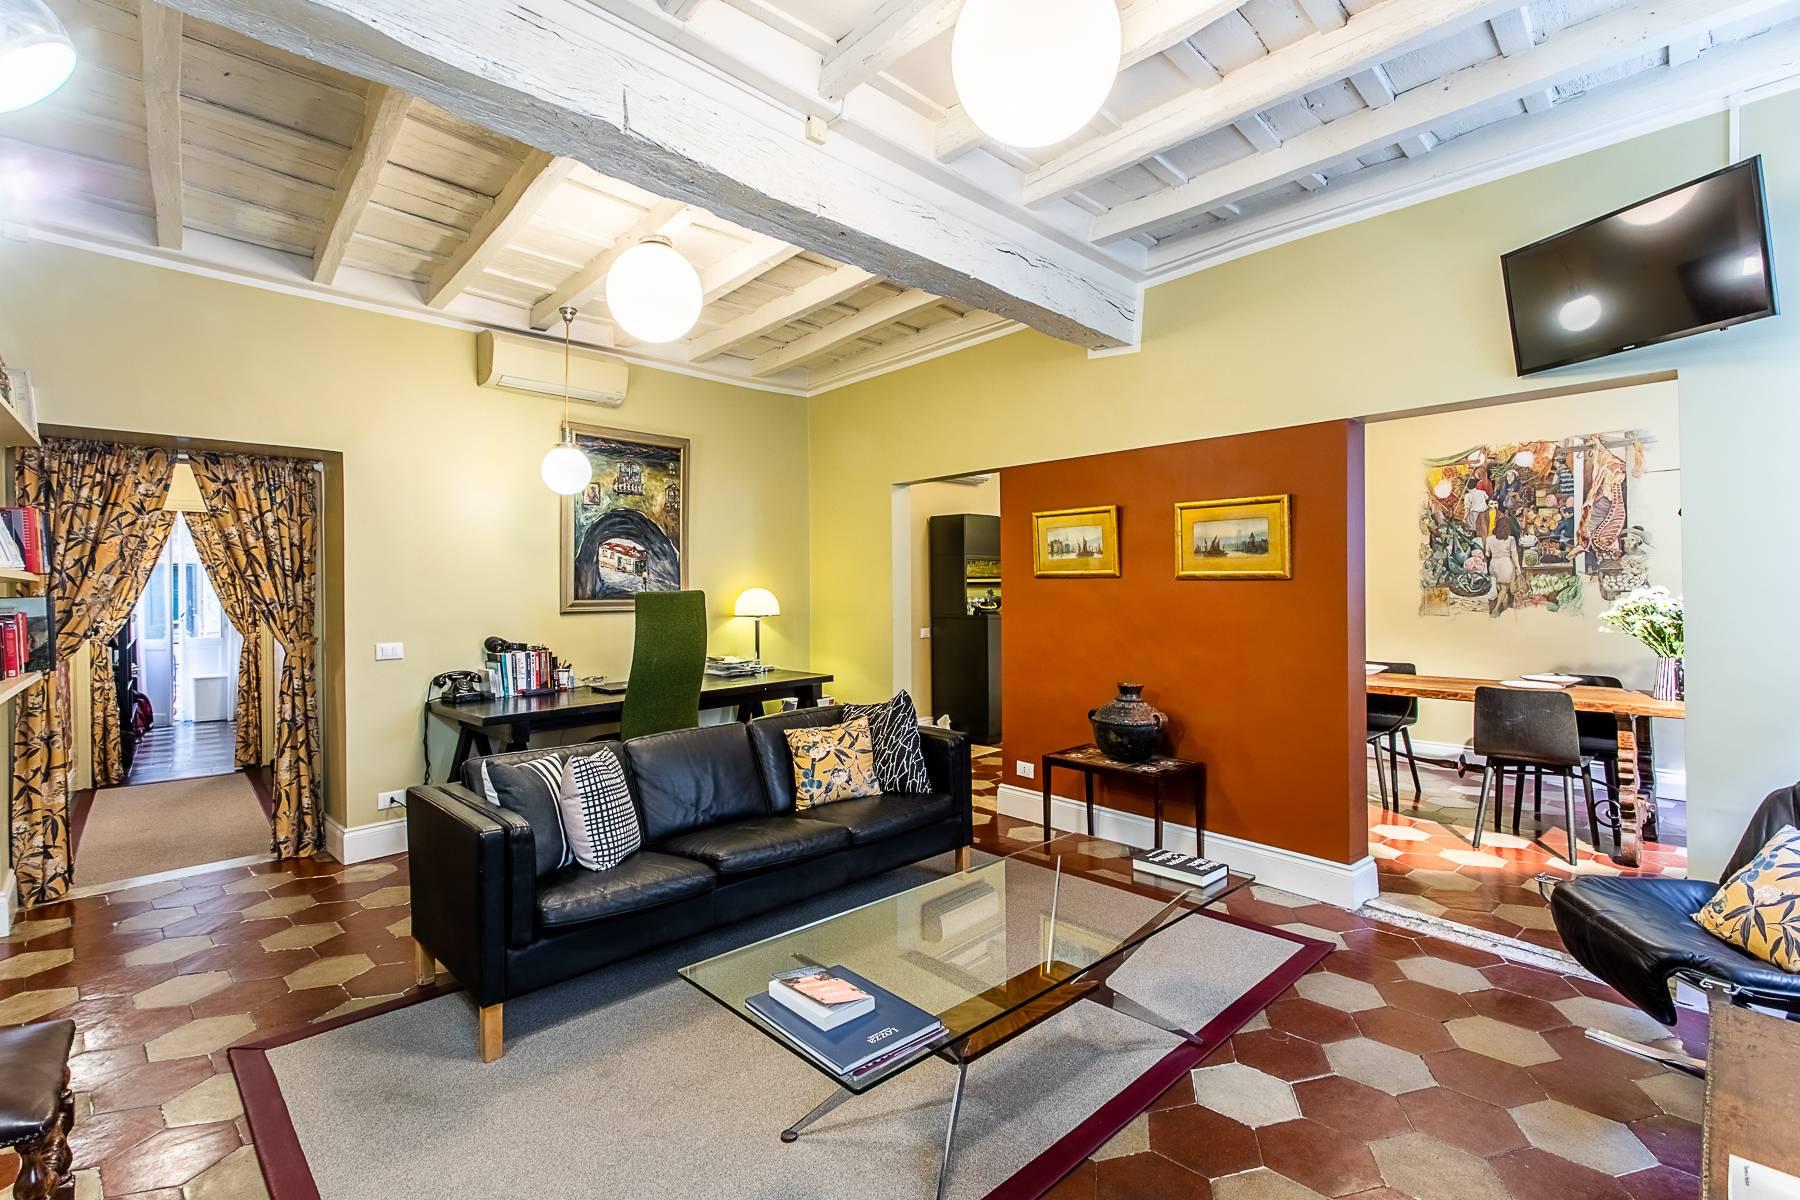 Appartamento in Vendita a Roma: 4 locali, 116 mq - Foto 2